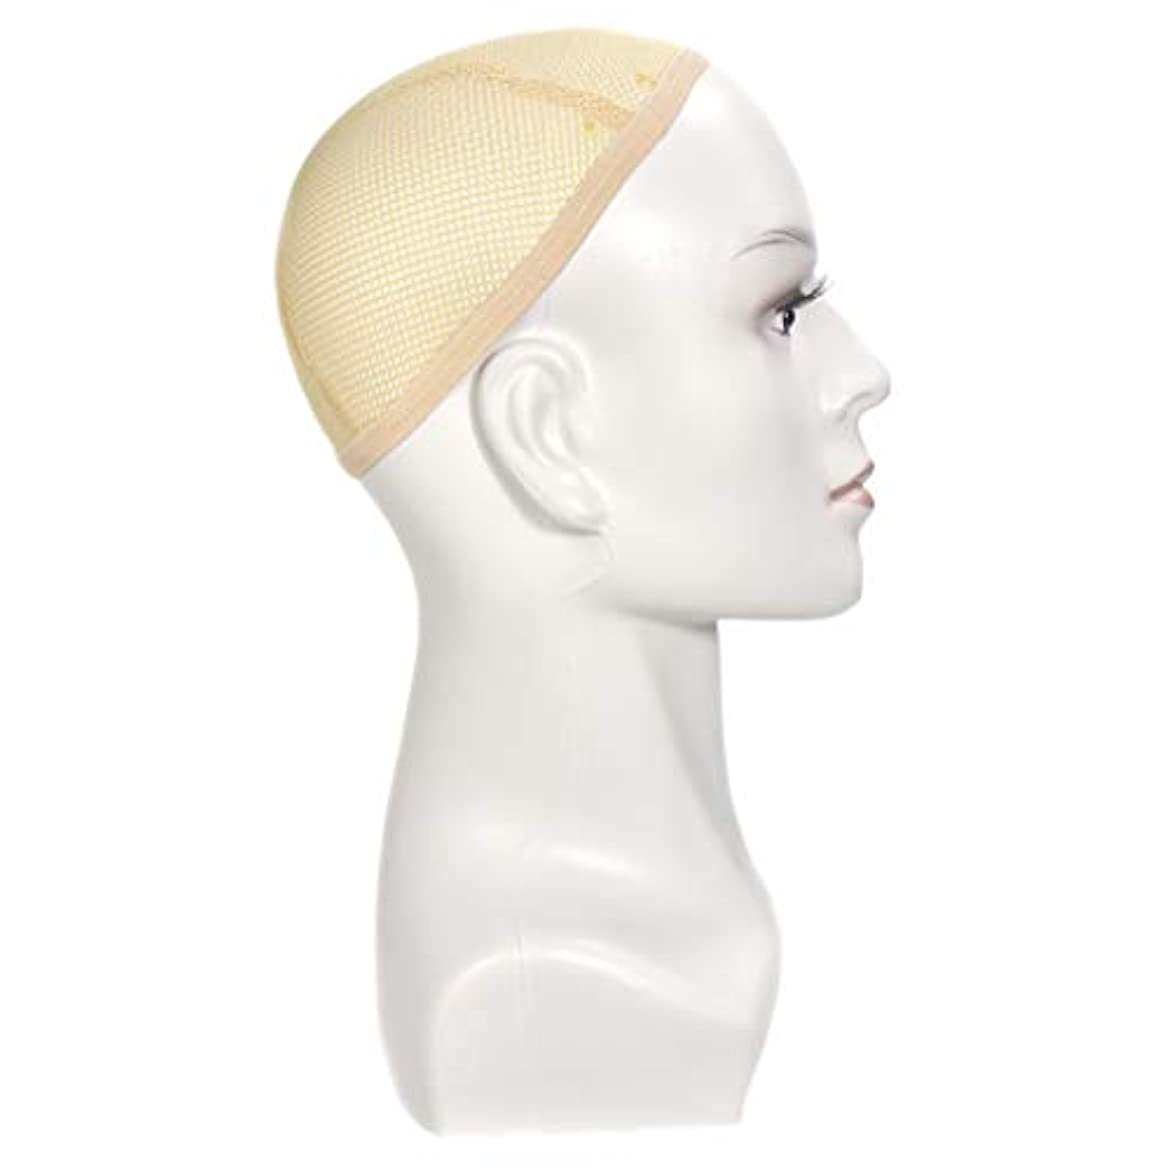 天窓掃くのりマネキンヘッド 肌色 メイク メイクトレーニング 頭部モデル ディスプレイ ホルダー 全2色 - 白